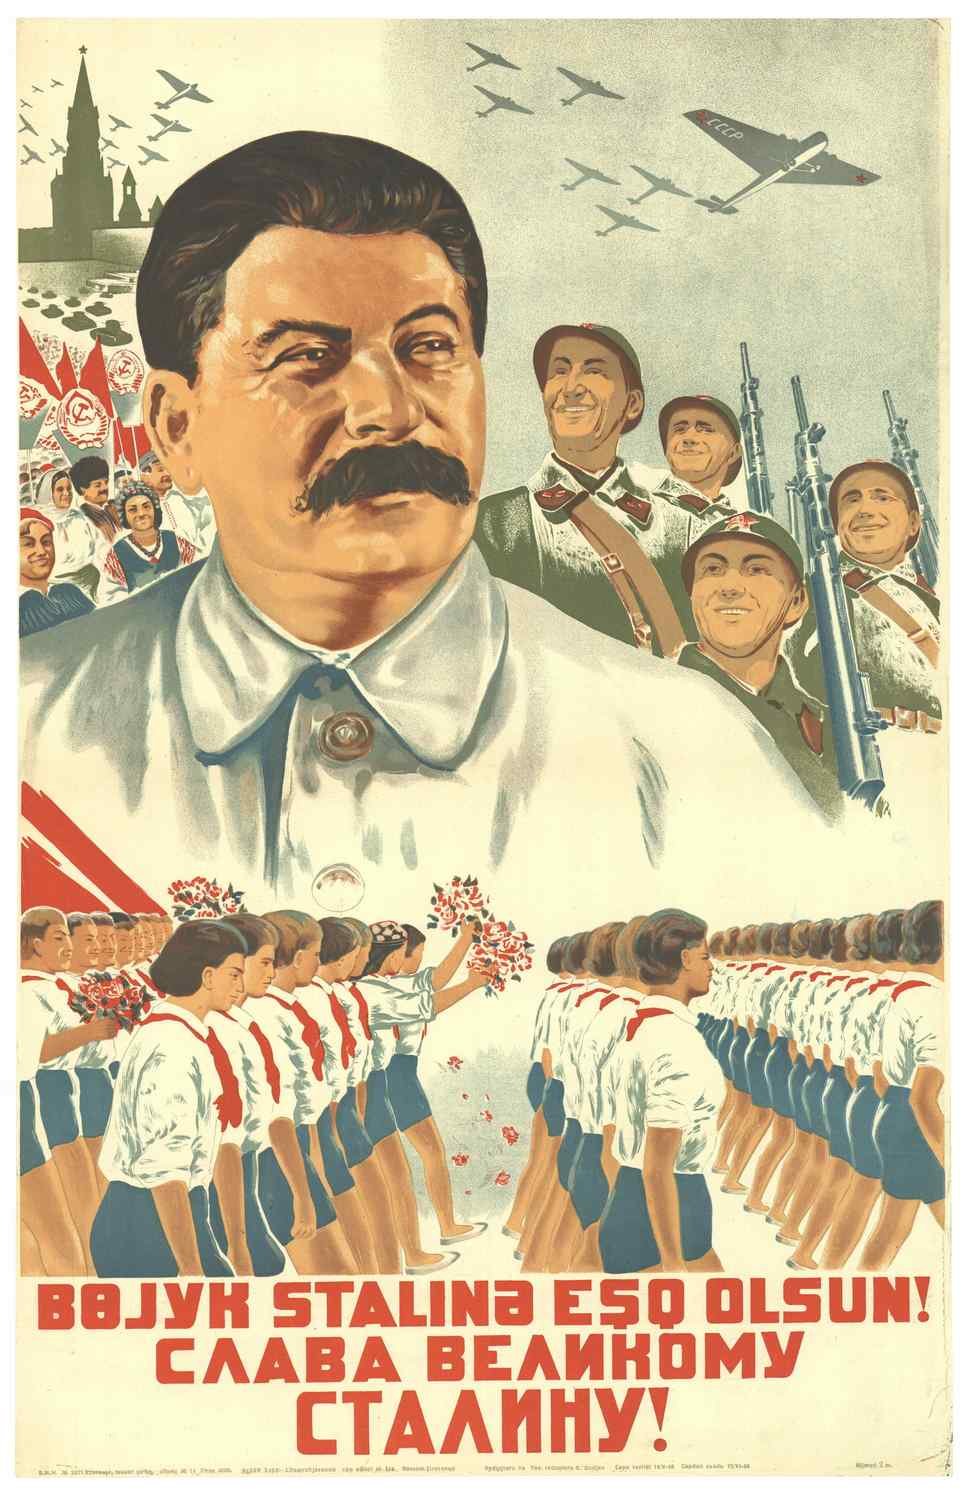 To właśnie ten propagandowy plakat z 1938 roku wzbudził ciekawość naszego czytelnika.